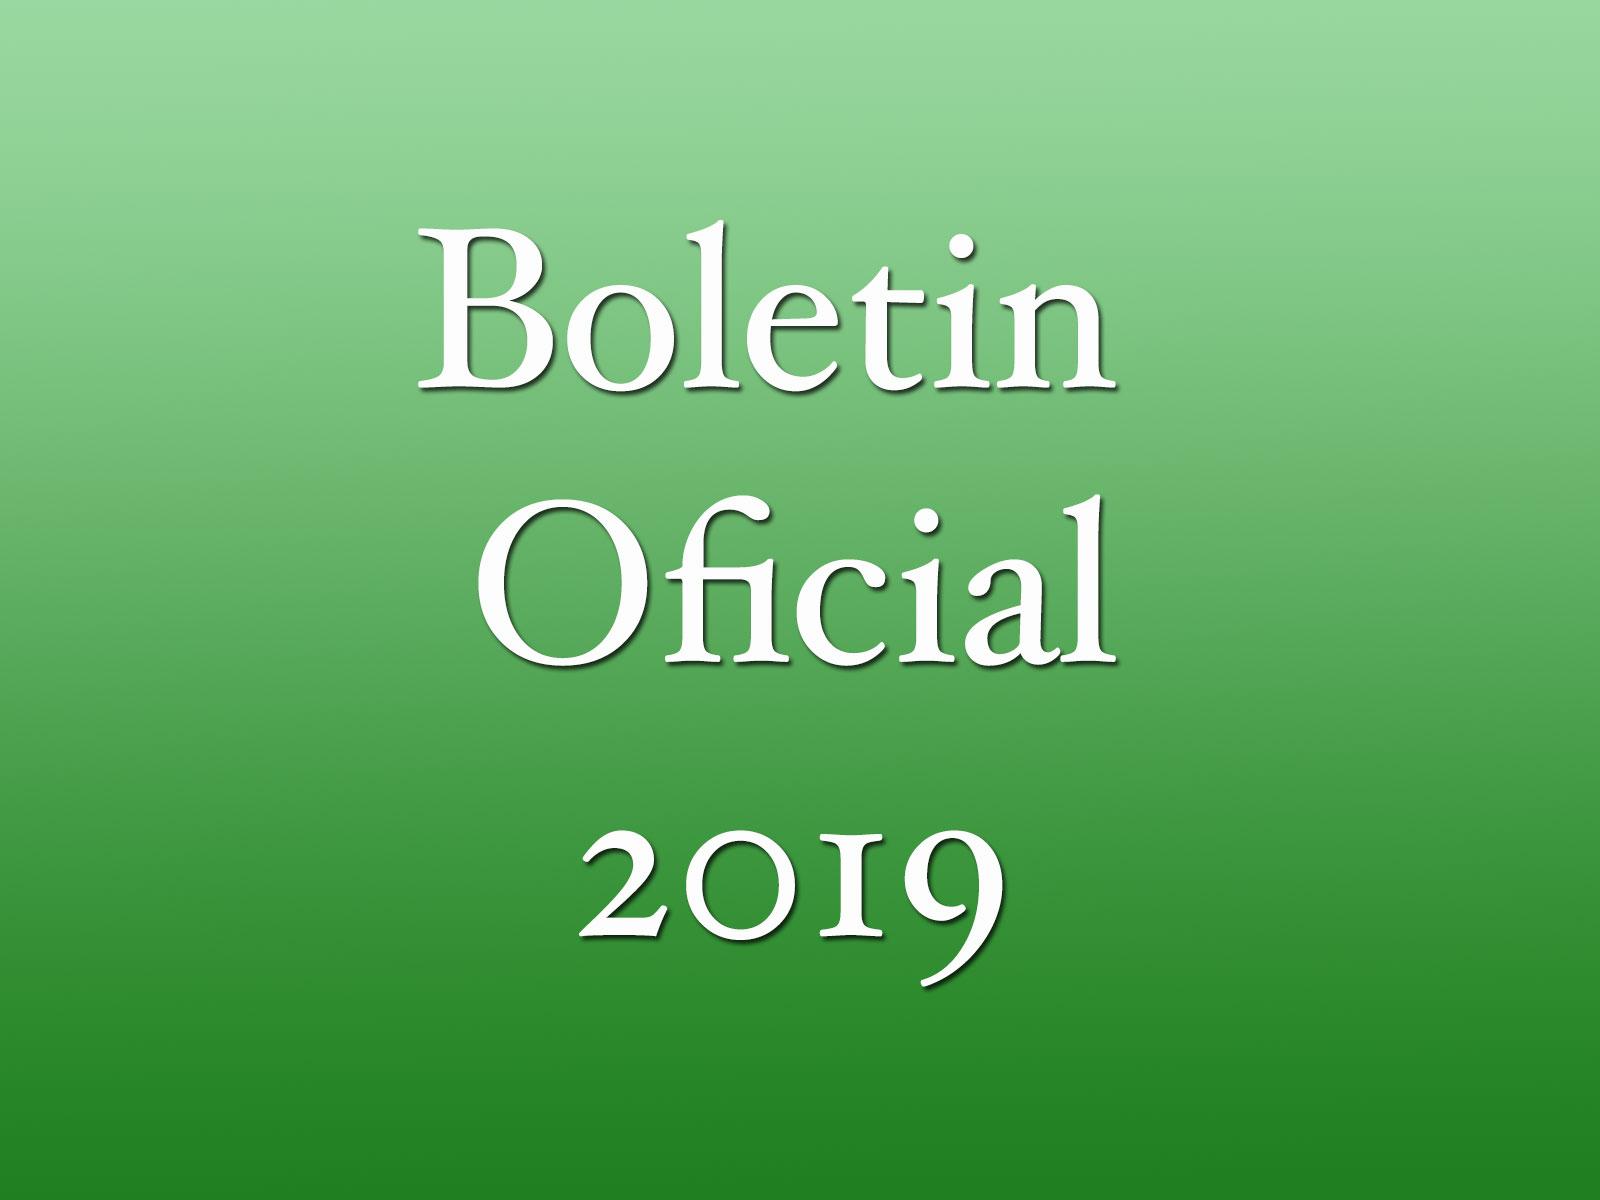 Boletín oficial 2019